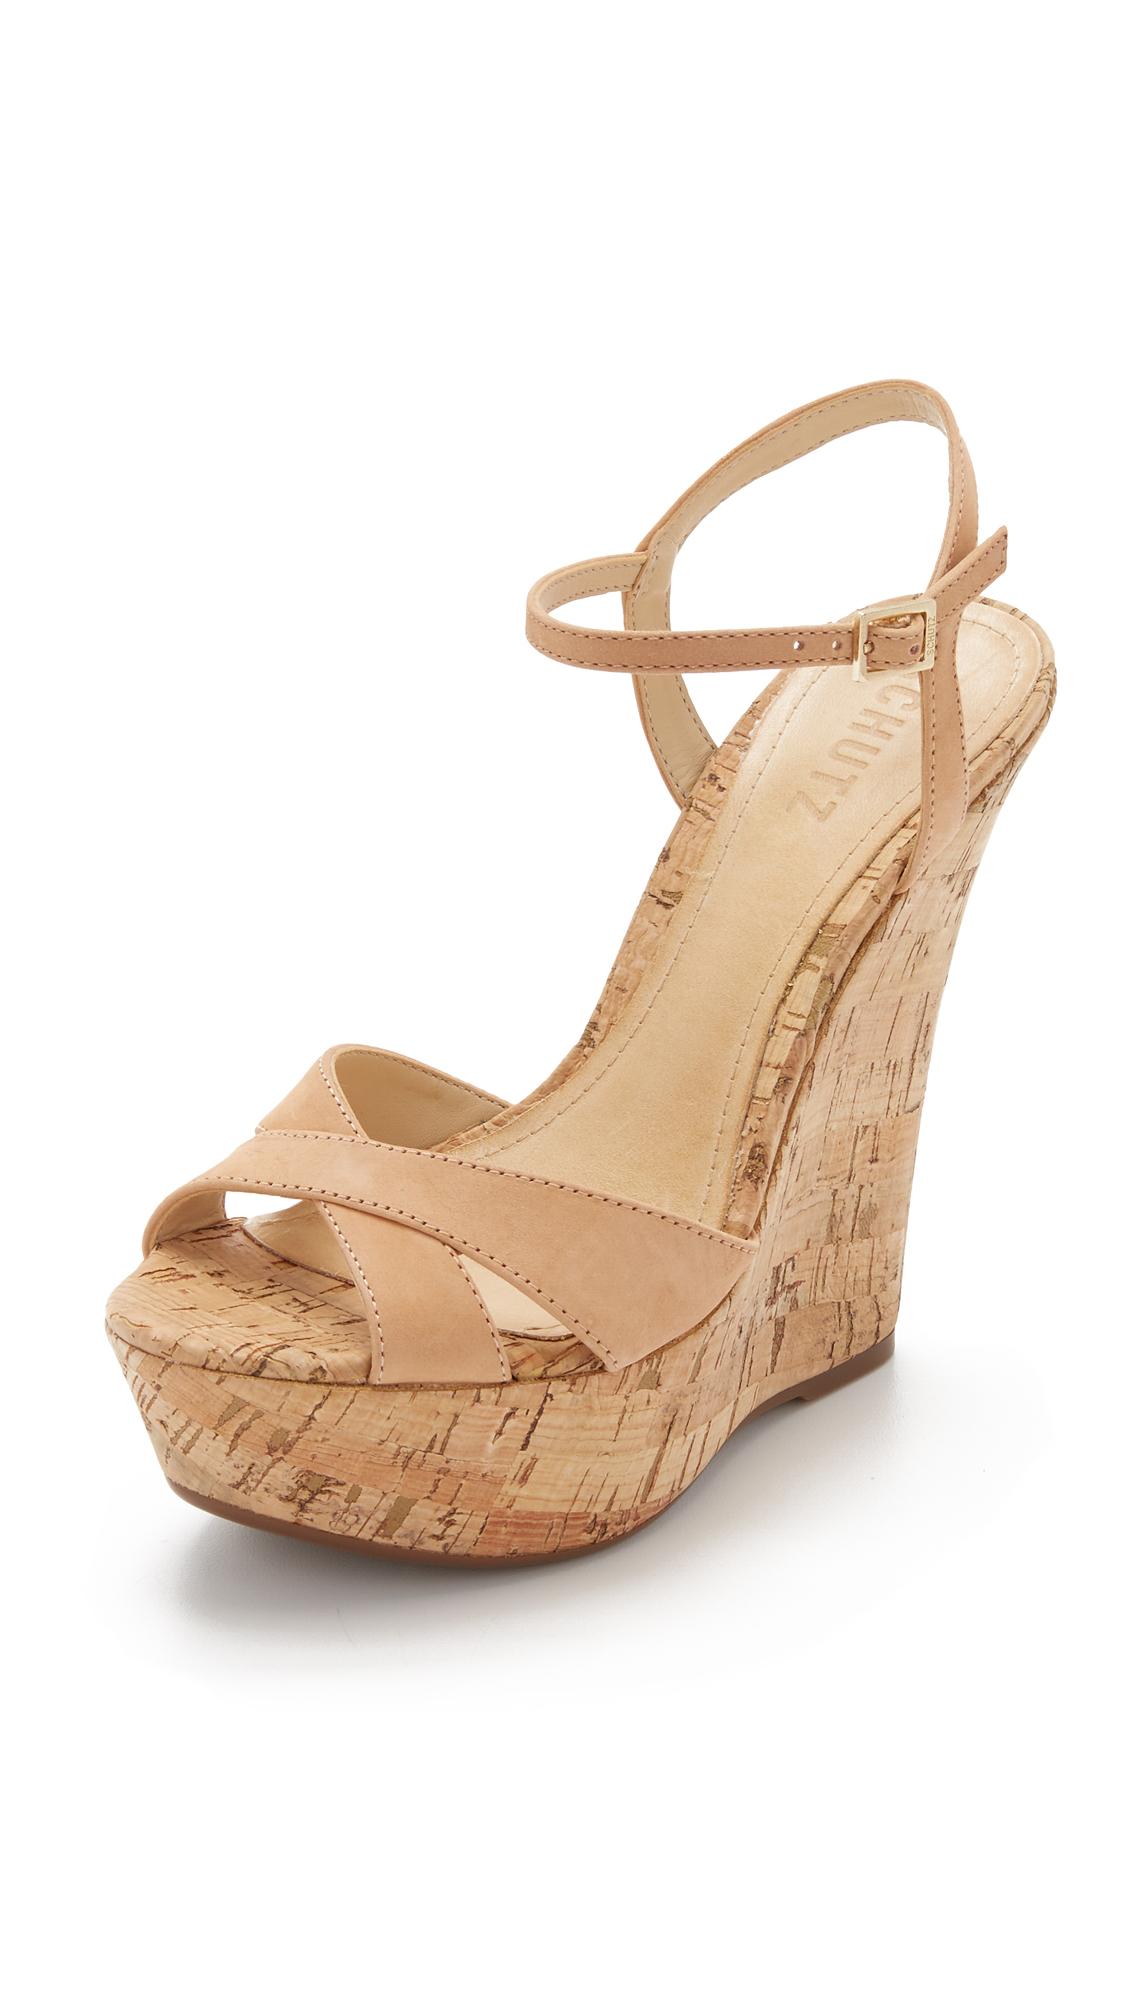 0c312761a9 Schutz Emiliana Wedge Sandals in Brown - Lyst